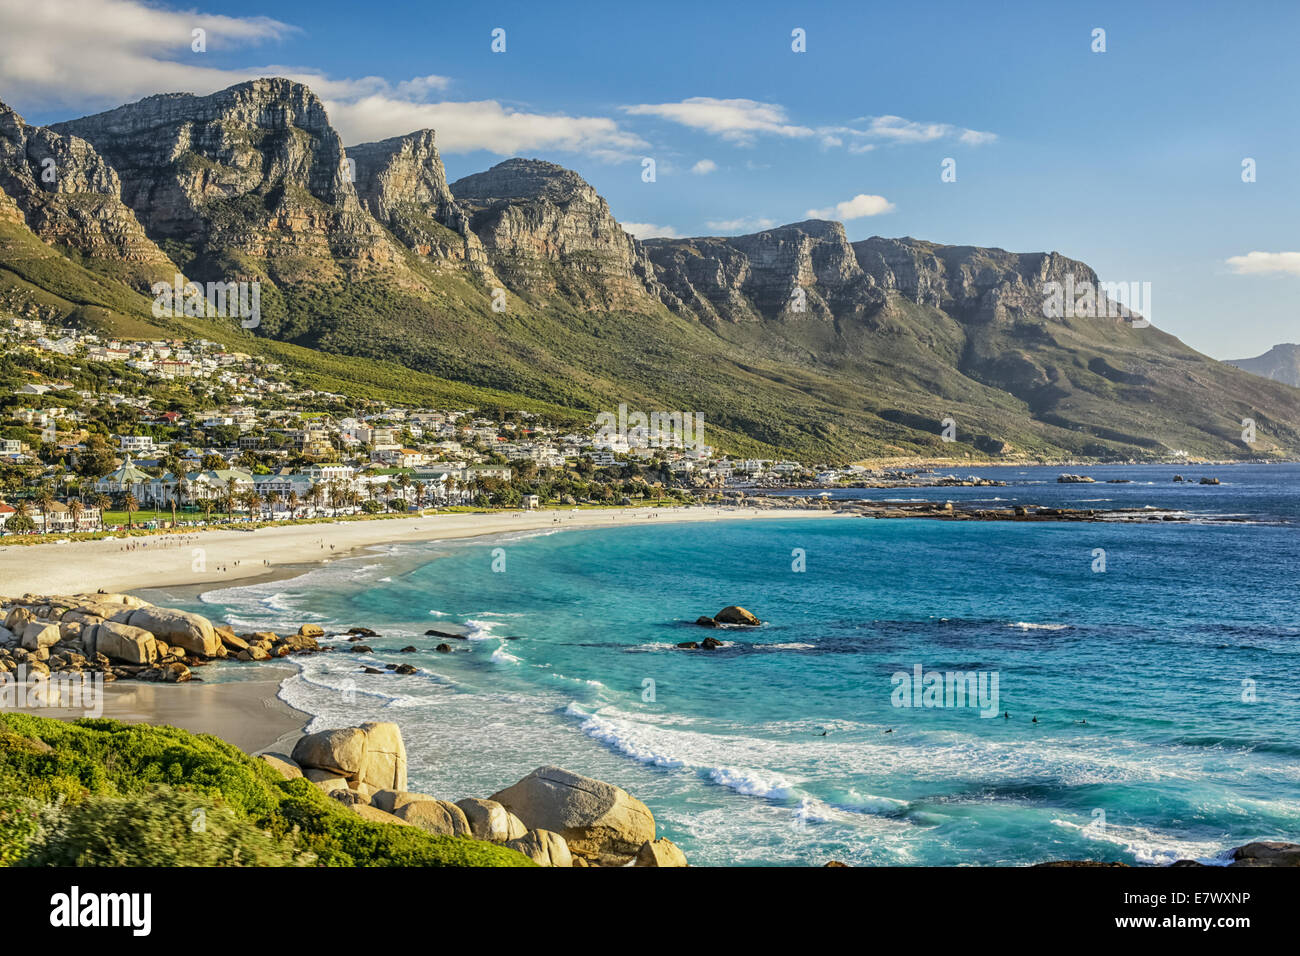 La bella città di Cape Town, con le sue montagne meravigliose spiagge di sabbia bianca e mare azzurro Immagini Stock